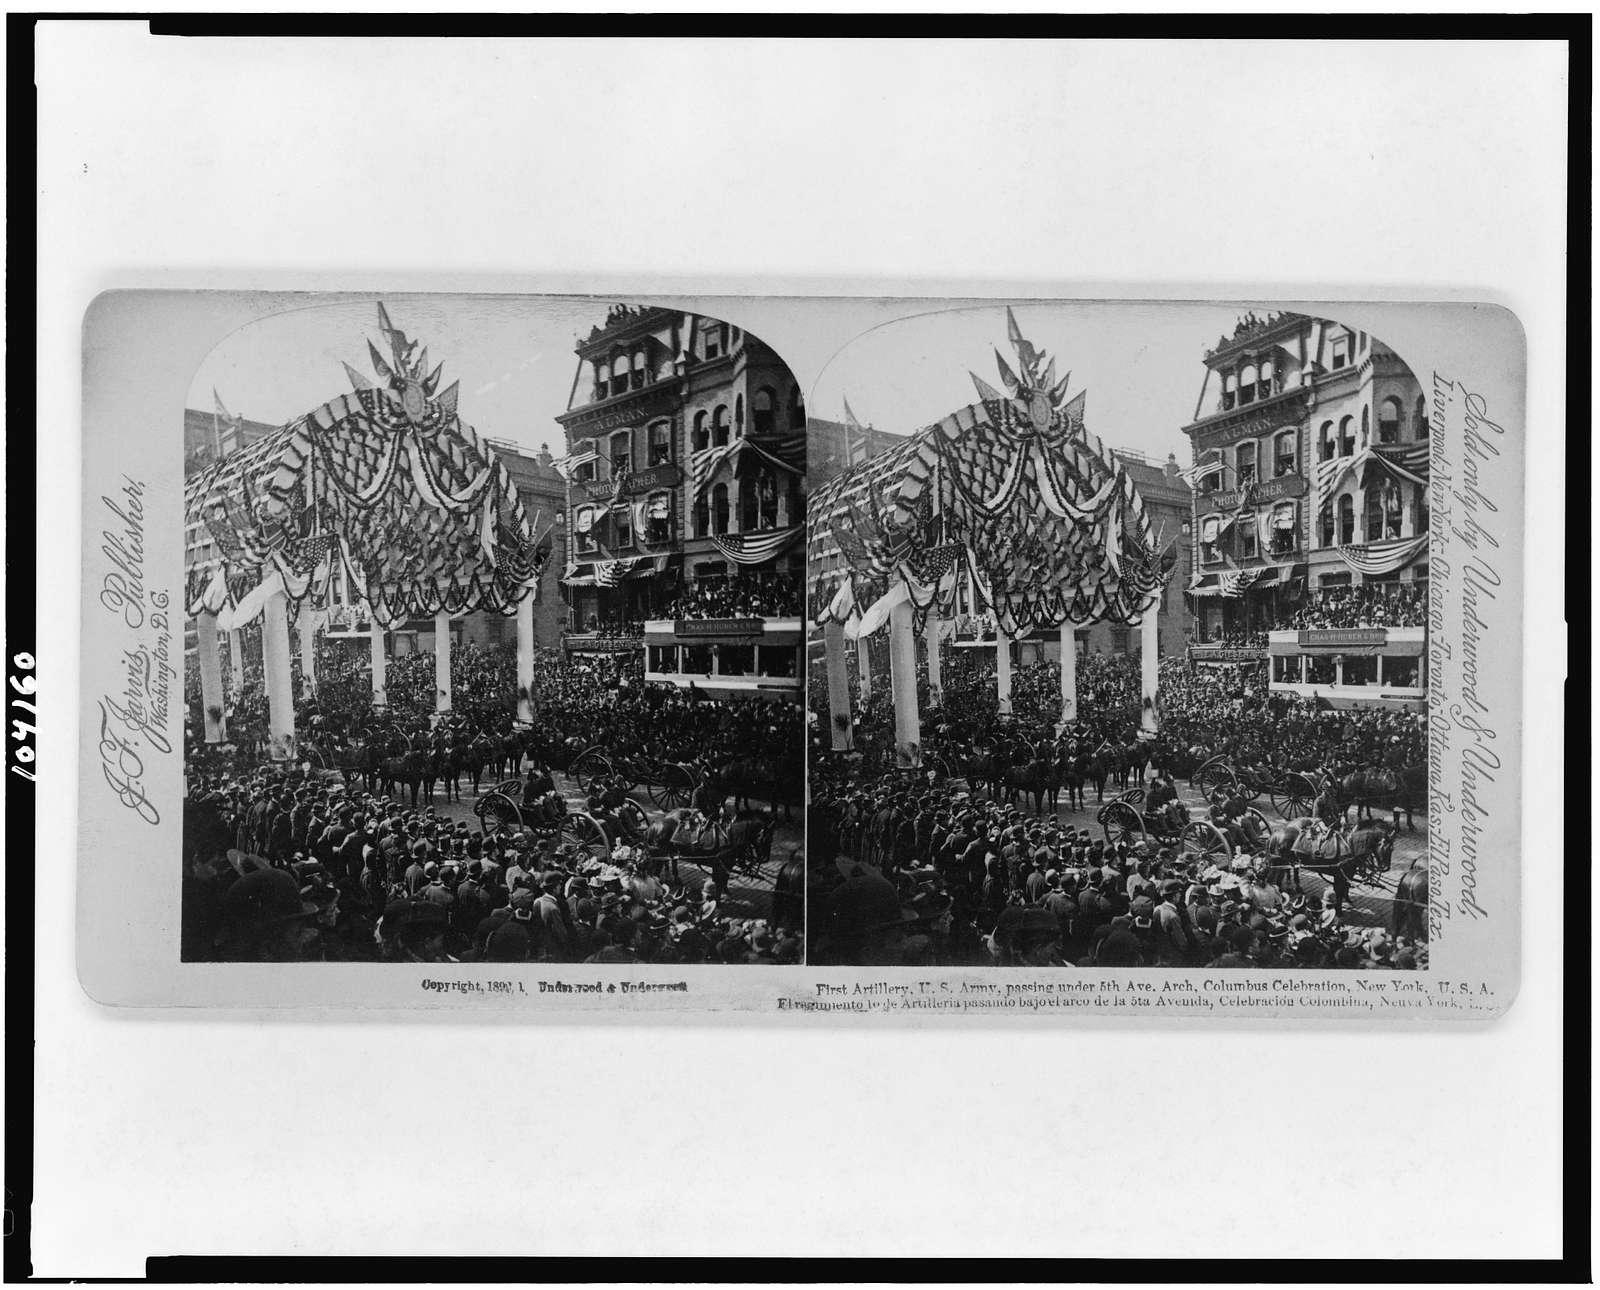 First Artillery, U.S. Army, passing under 5th Ave. arch, Columbus Celebration, New York, U.S.A. El regimiento lo de Artilleria pasando bajo el arco de la 5ta Avenida, celebración Colombina, Neuva York, E.U.